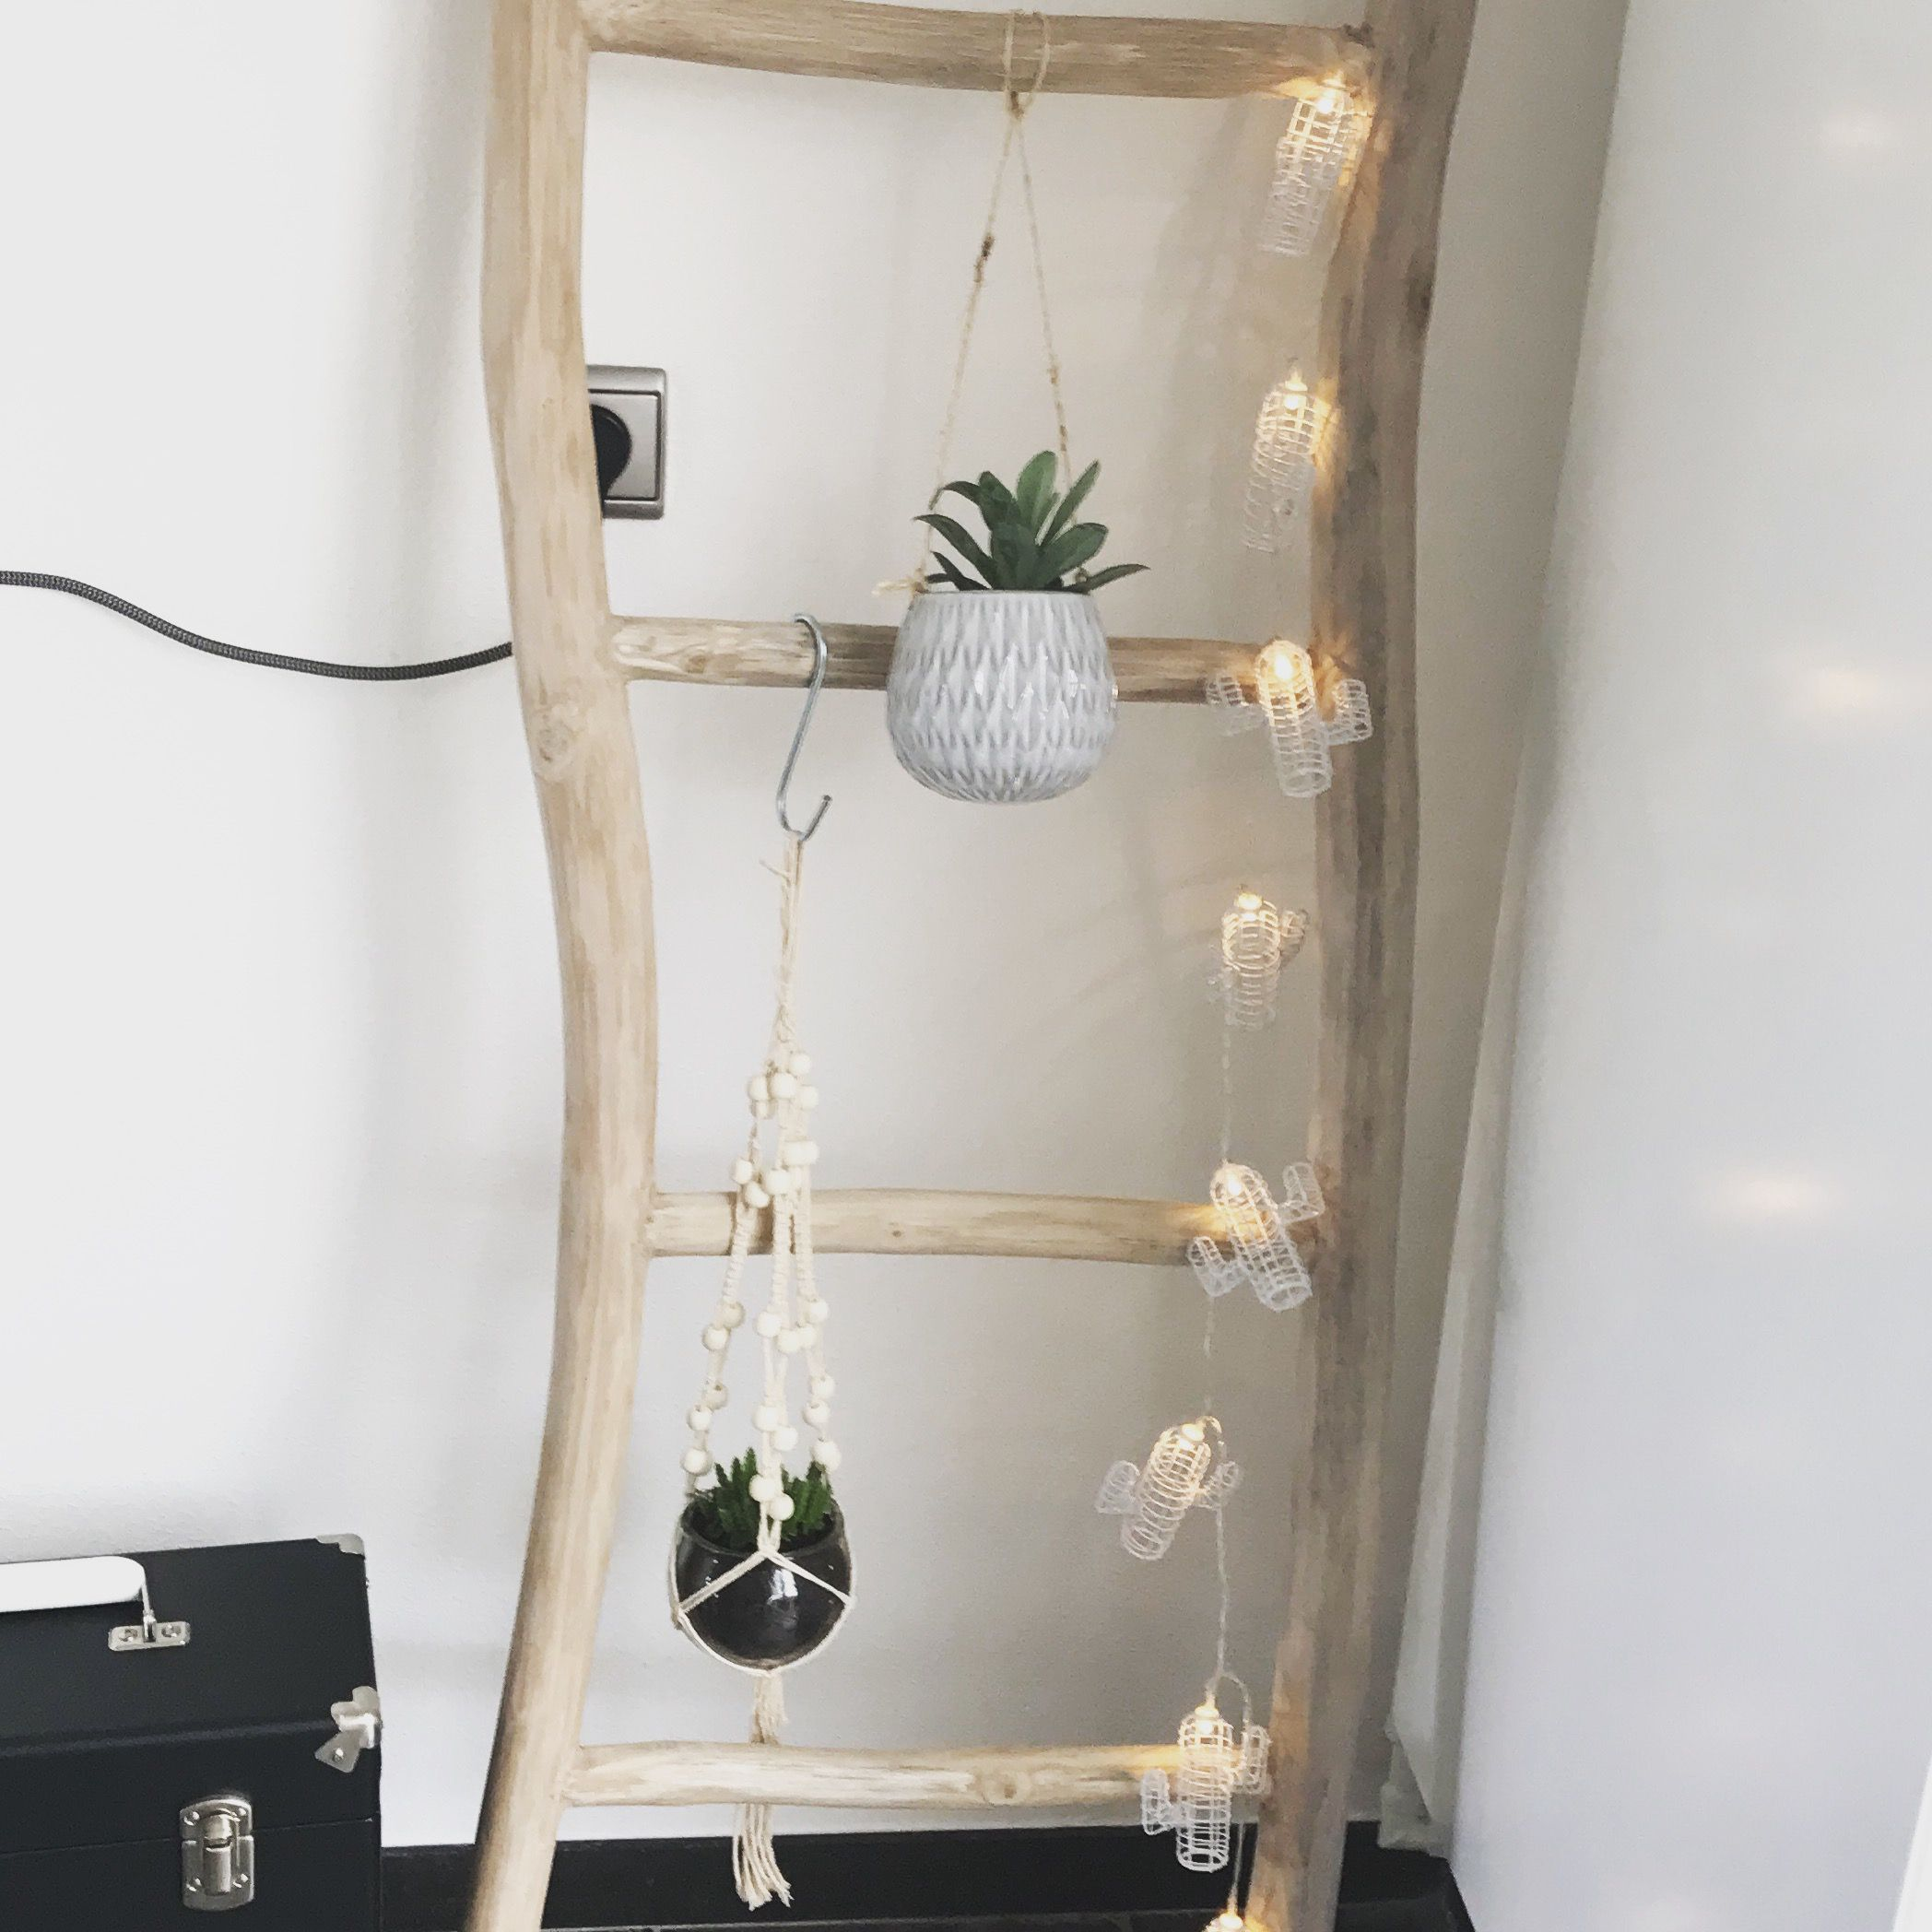 Teak Houten Ladder Van Xenos Lampjes Cactus Spiraal Xenos Potjes Van Action Houten Ladder Slaapkamerideeen Slaapkamer Interieur